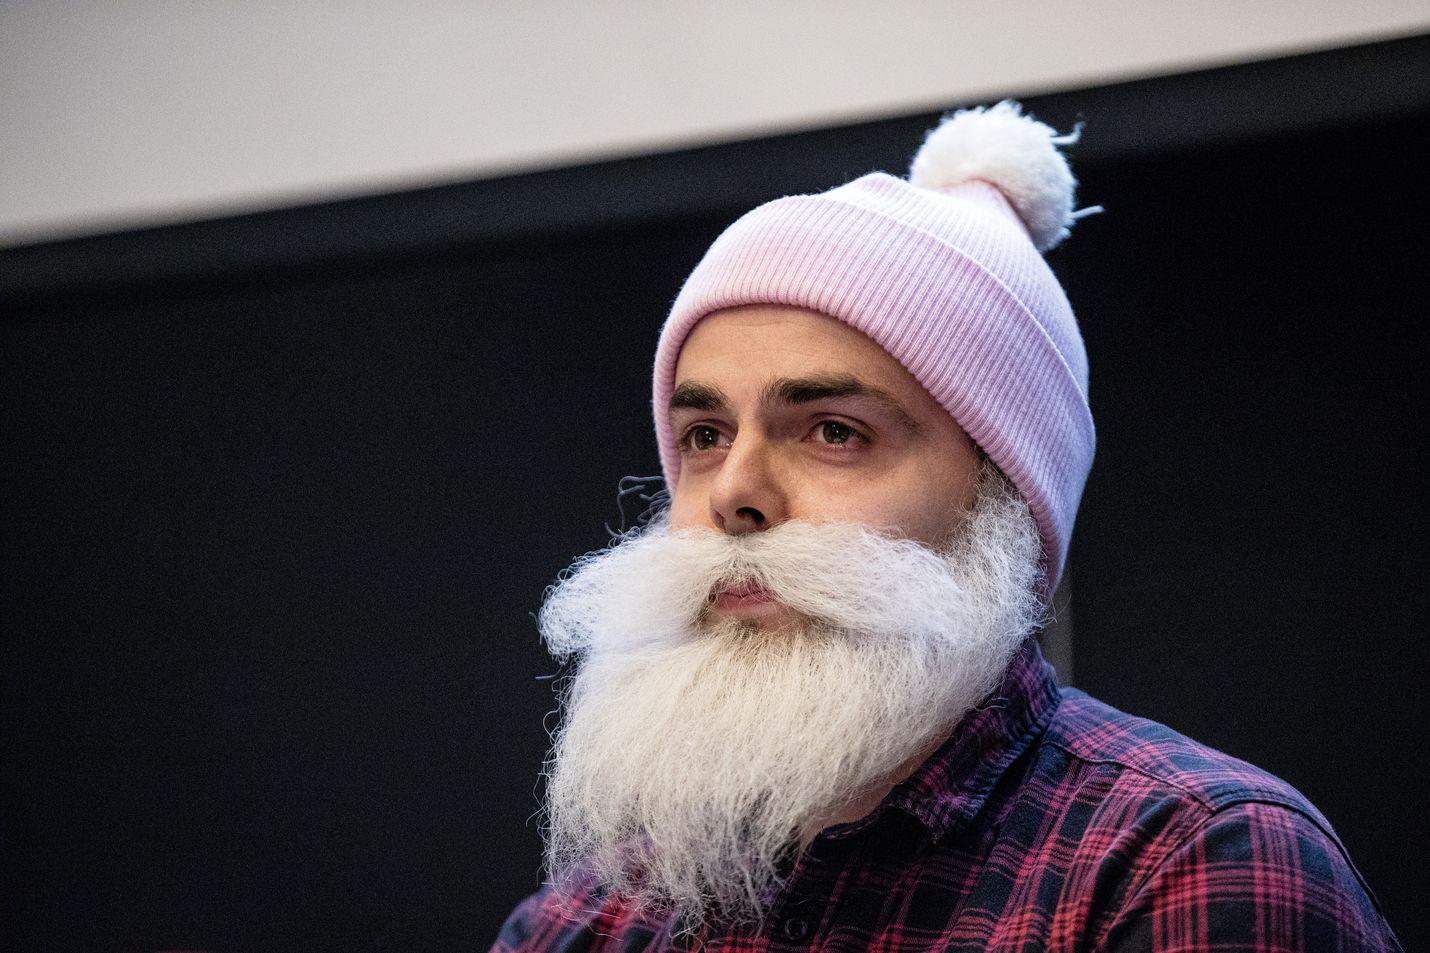 Hyväntekeväisyyttä harjoittava Brother Christmas, eli Ari Koponen, piti tiedotustilaisuuden huhtikuussa, jossa hän kiisti yhdistyksensä väärinkäytökset.